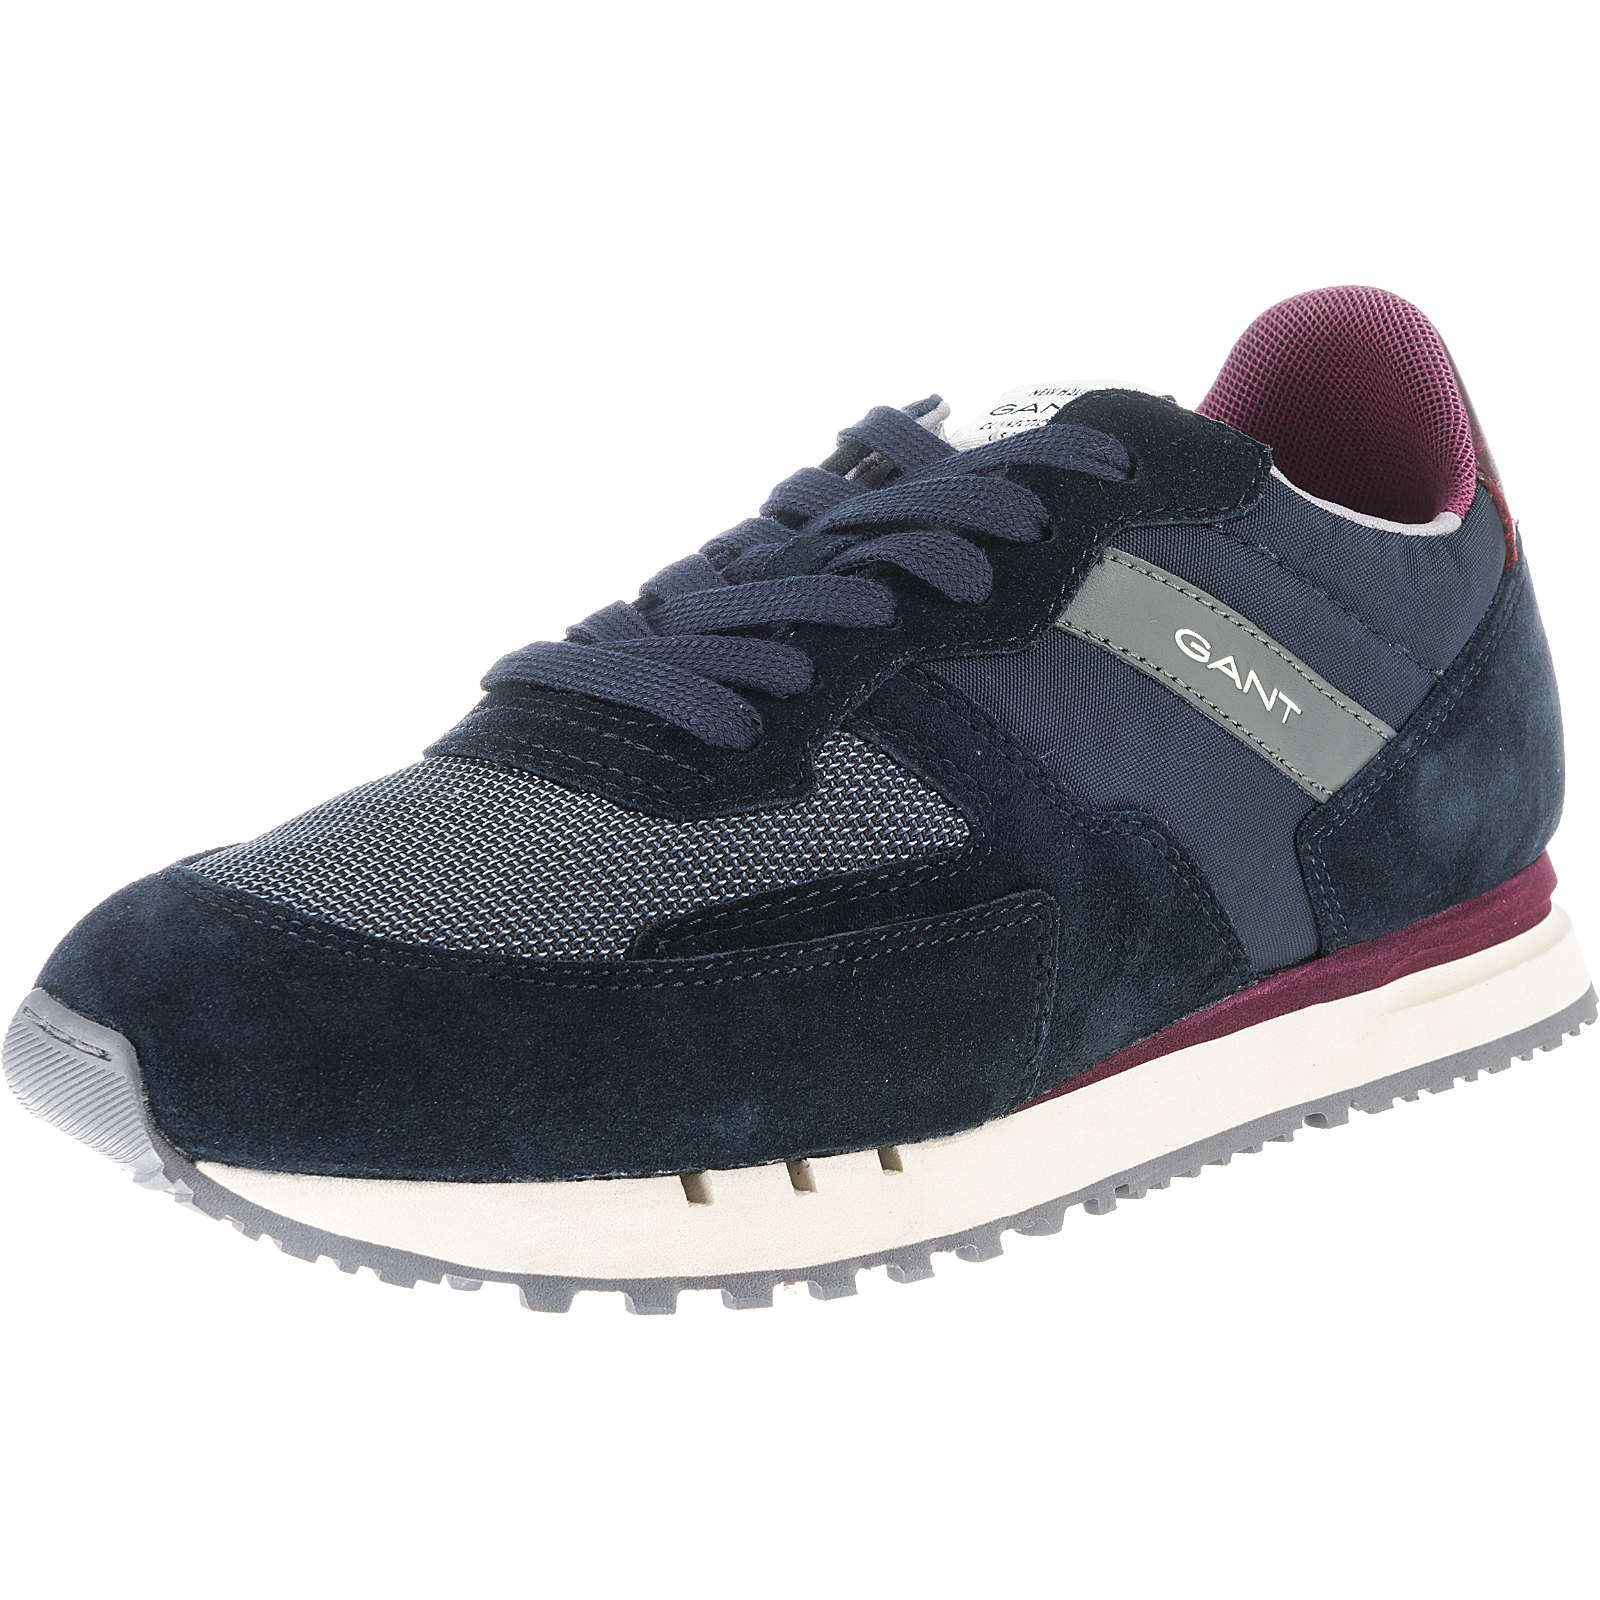 GANT David Sneakers Low dunkelblau Herren Gr. 44